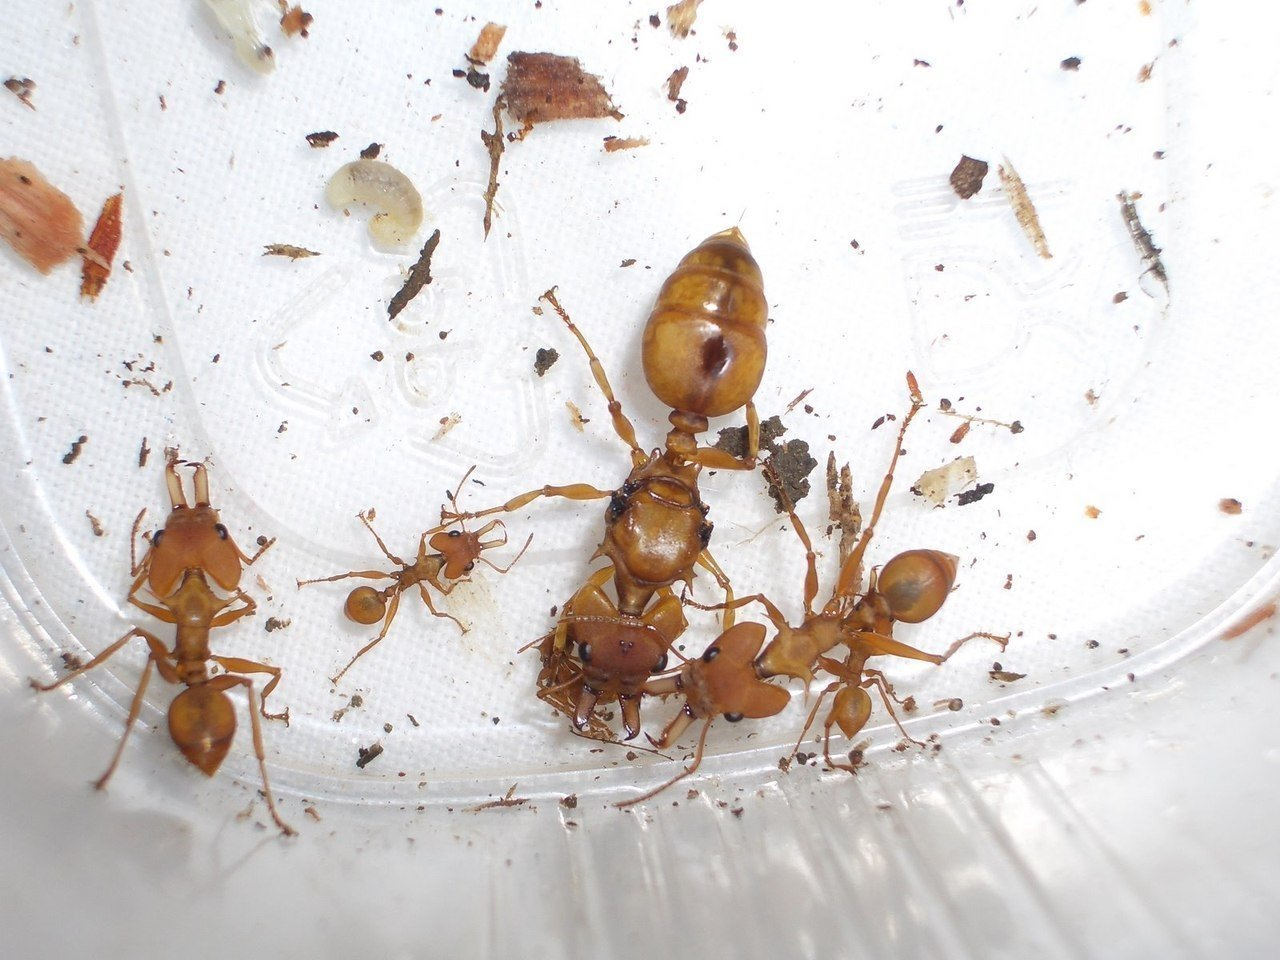 Рыжие муравьи в квартире: как избавиться?